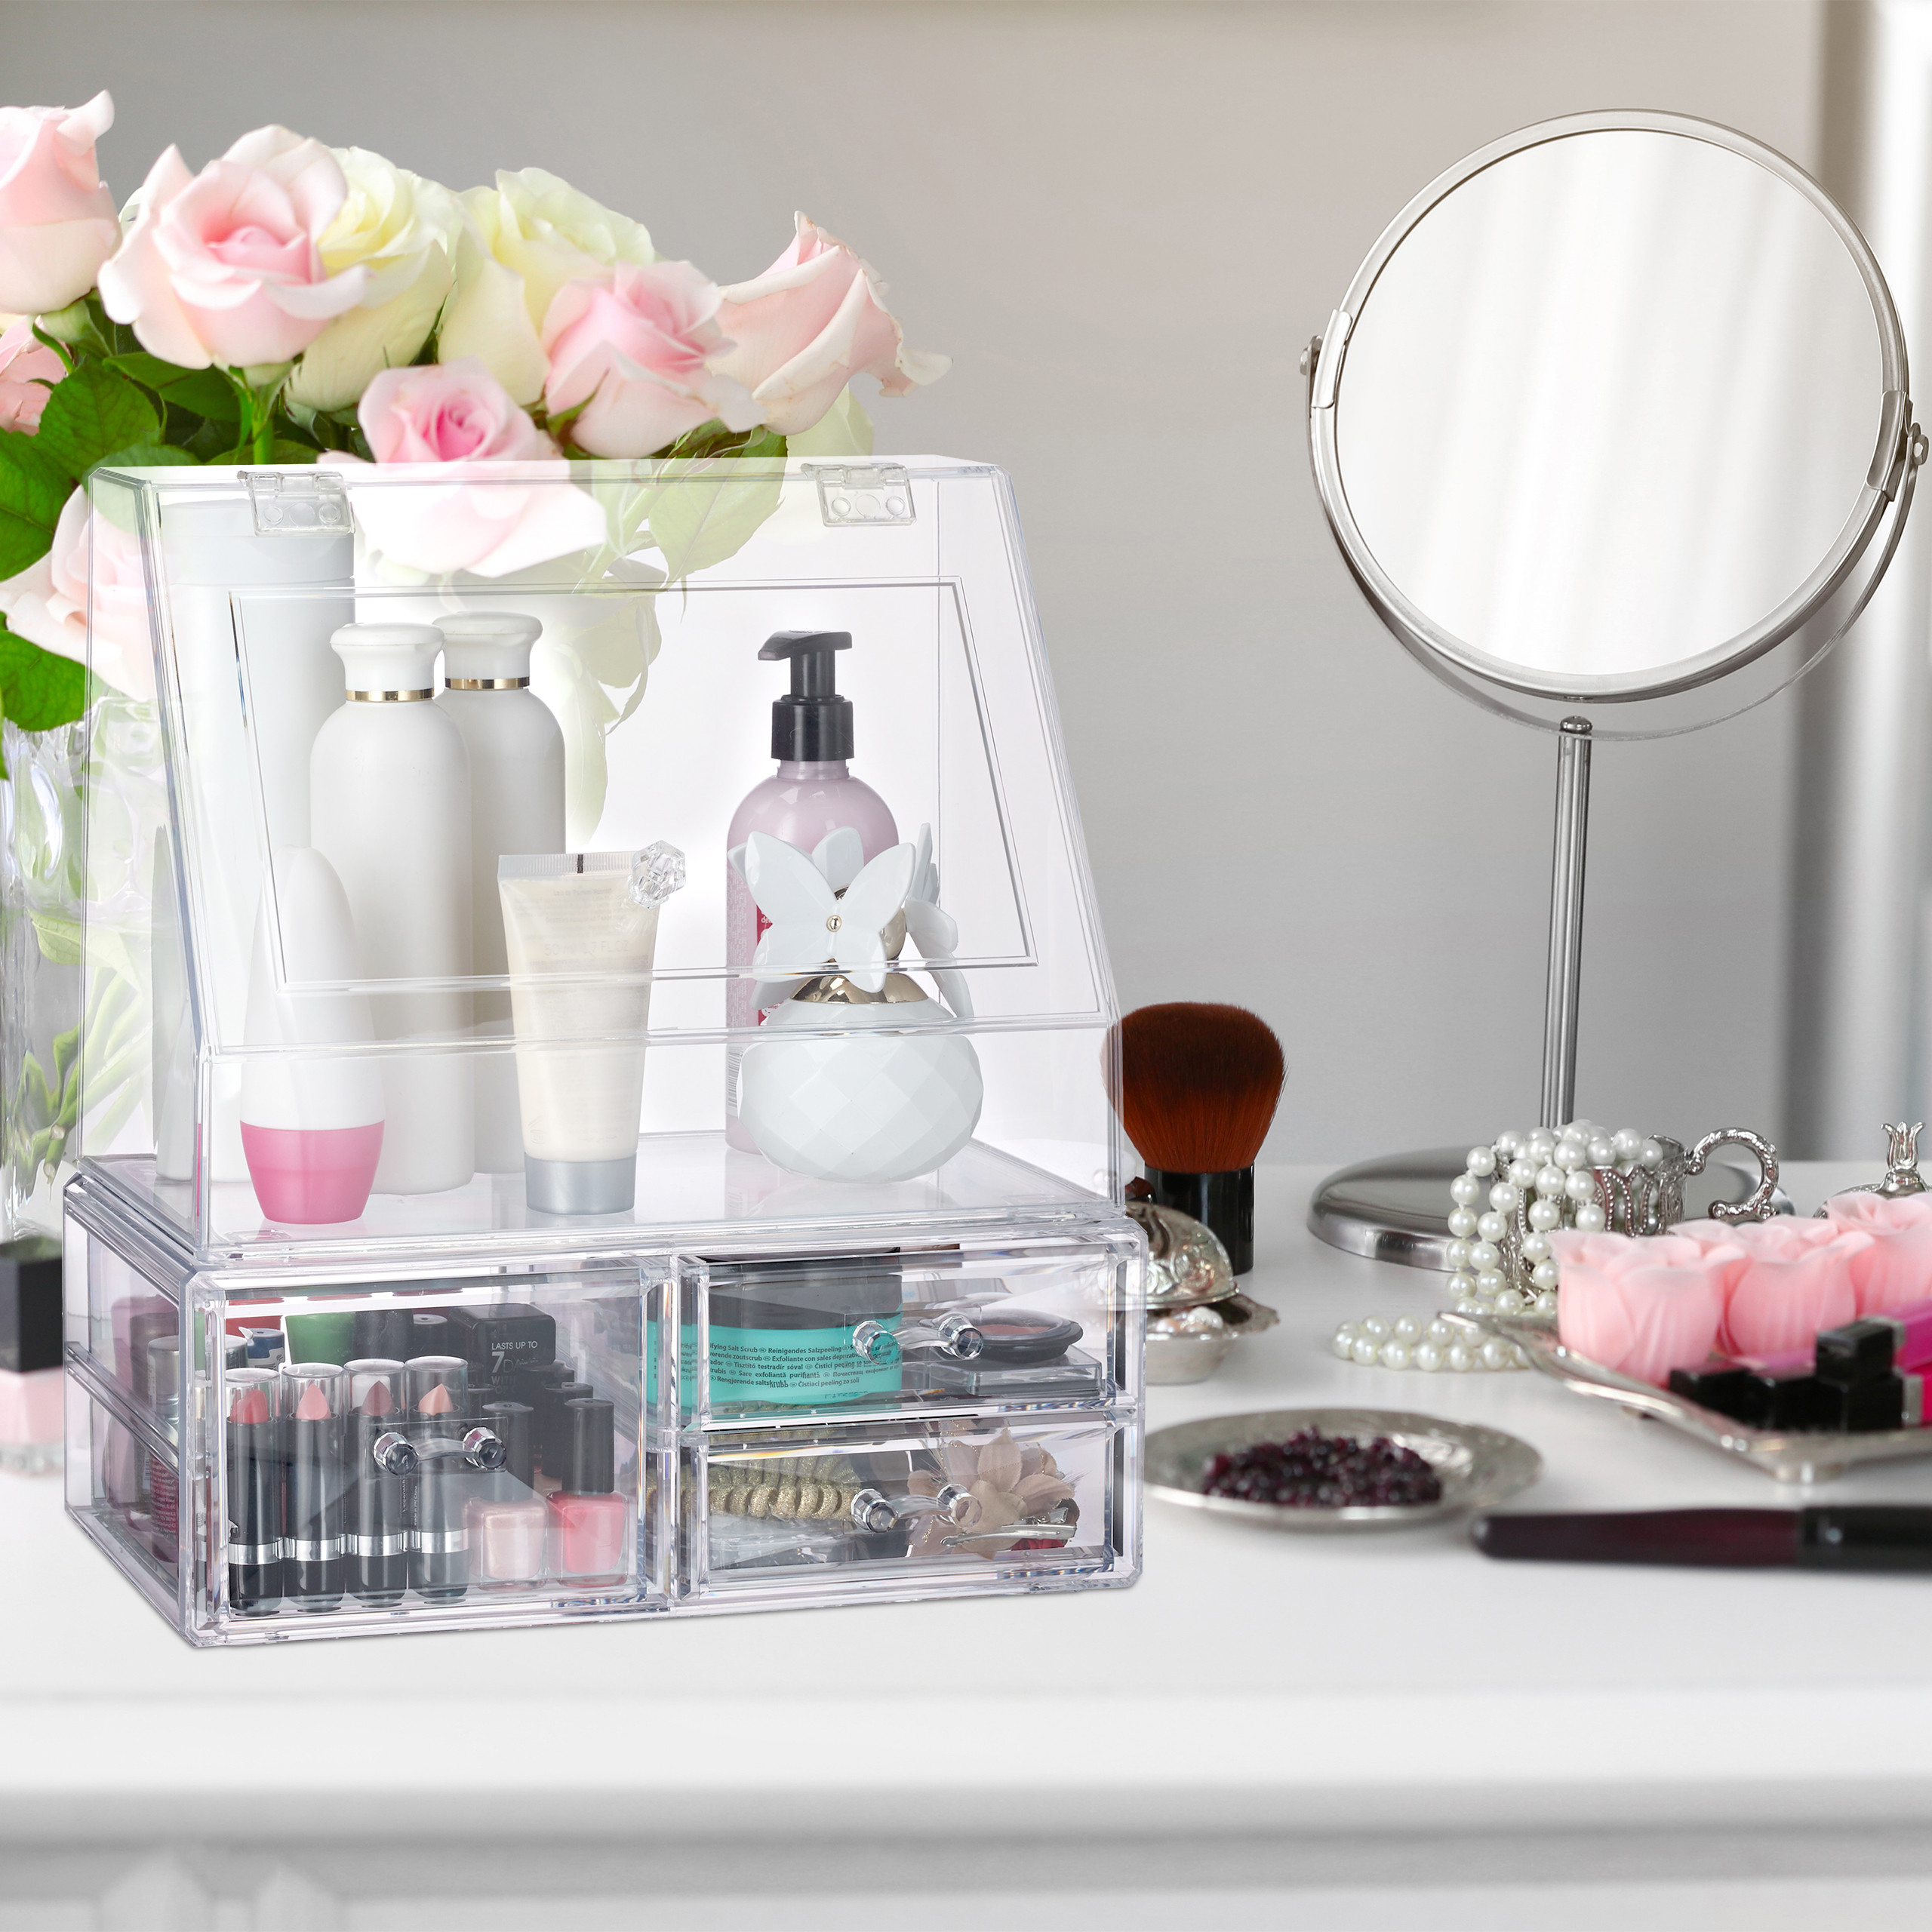 Kosmetik-Organizer-Acrylbox-Schmink-Aufbewahrung-Make-Up-Organizer-3-Schubladen miniatura 4